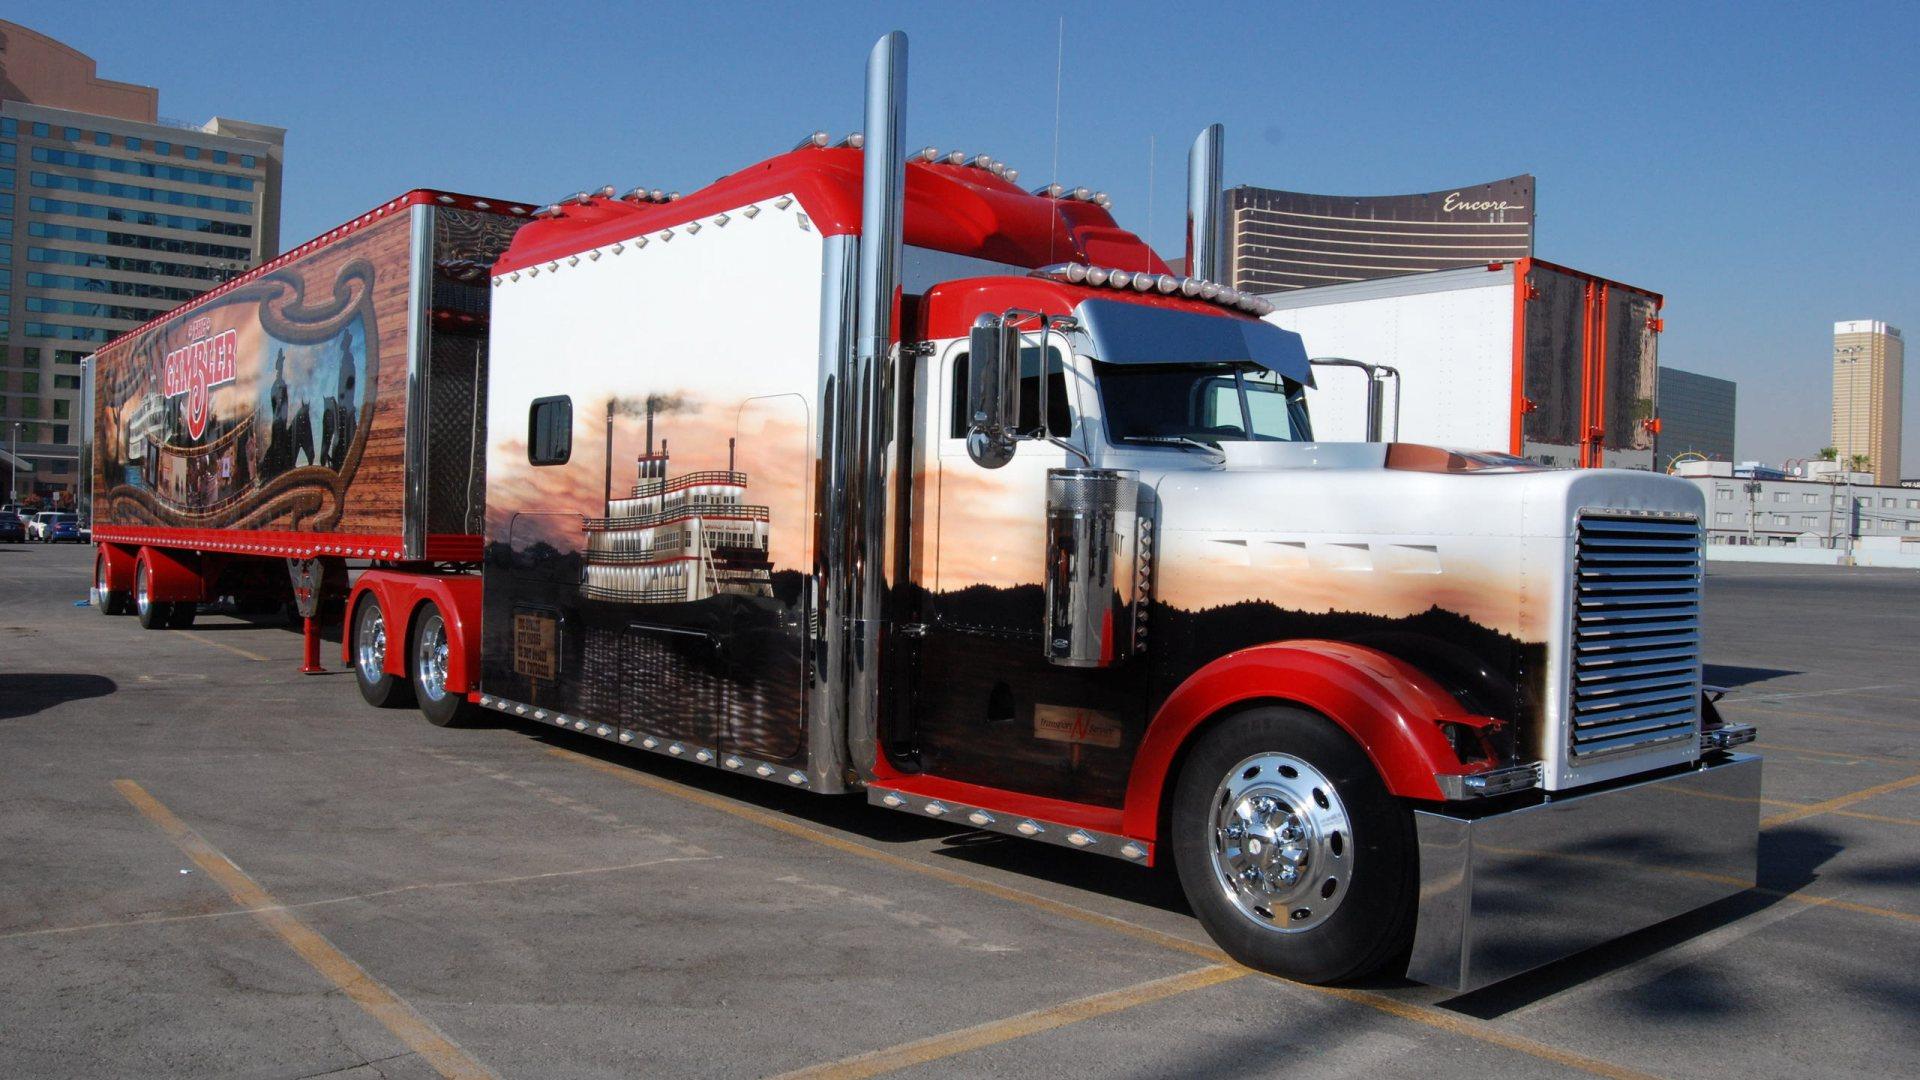 Peterbilt semi trucks tractor rigs wallpaper 1920x1080 53875 1920x1080